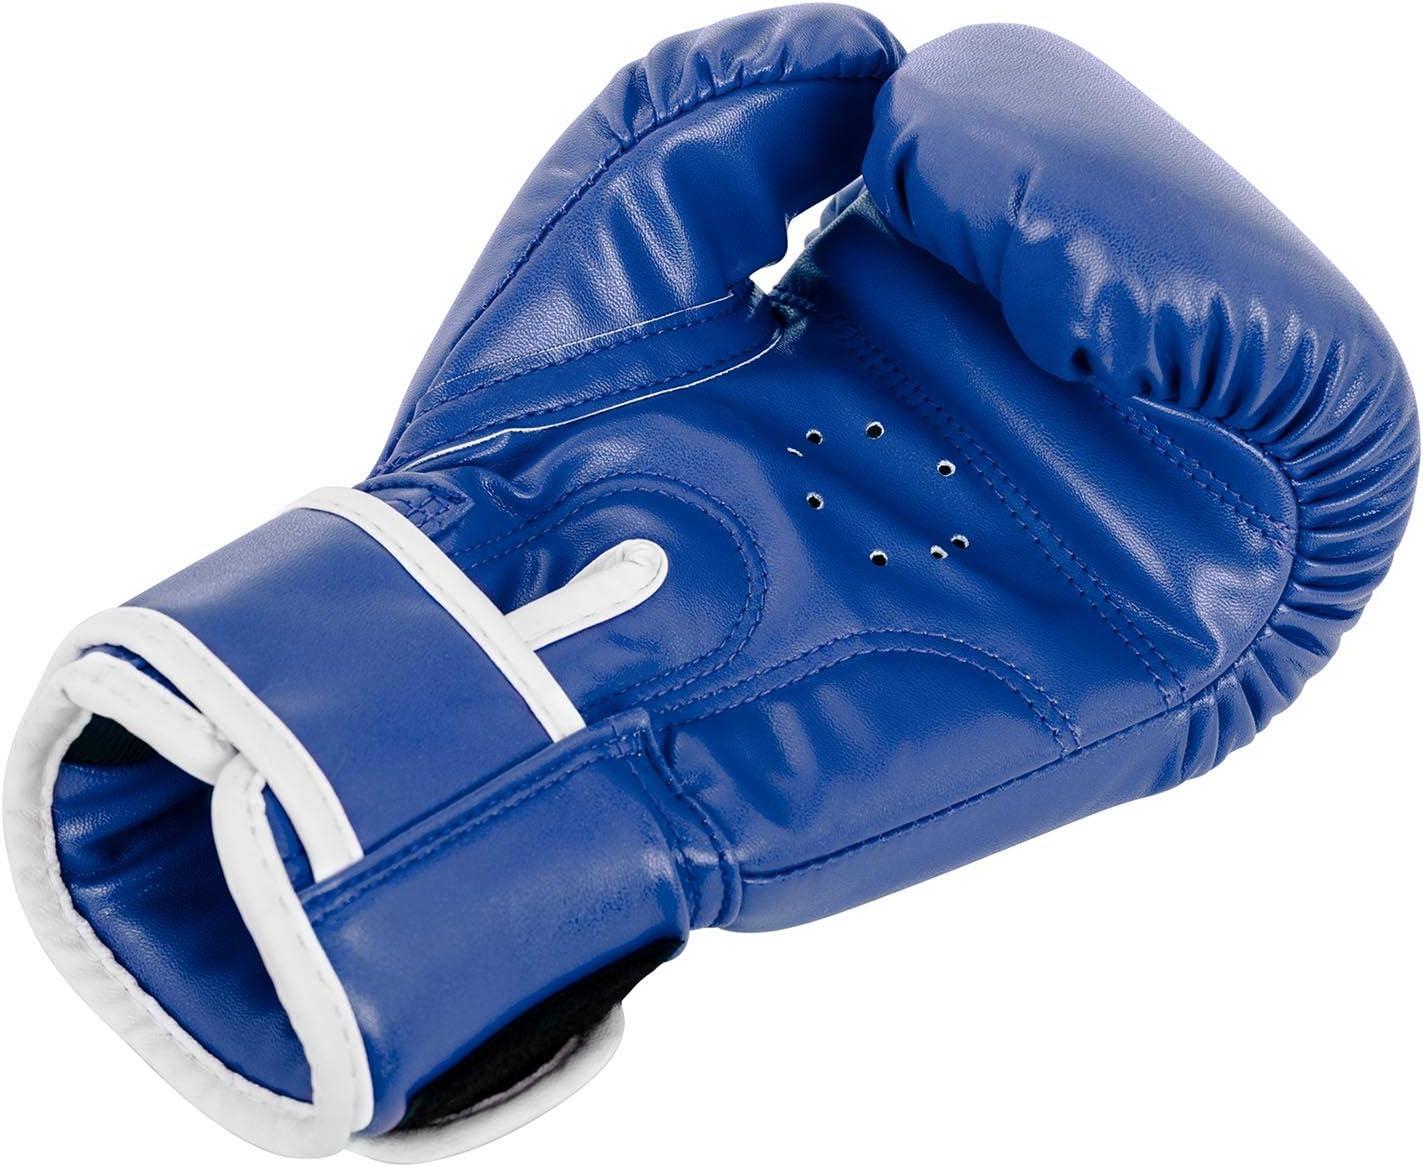 Gymrex Boxhandschuhe Kinder Jugend Boxen Handschuhe Boxsport